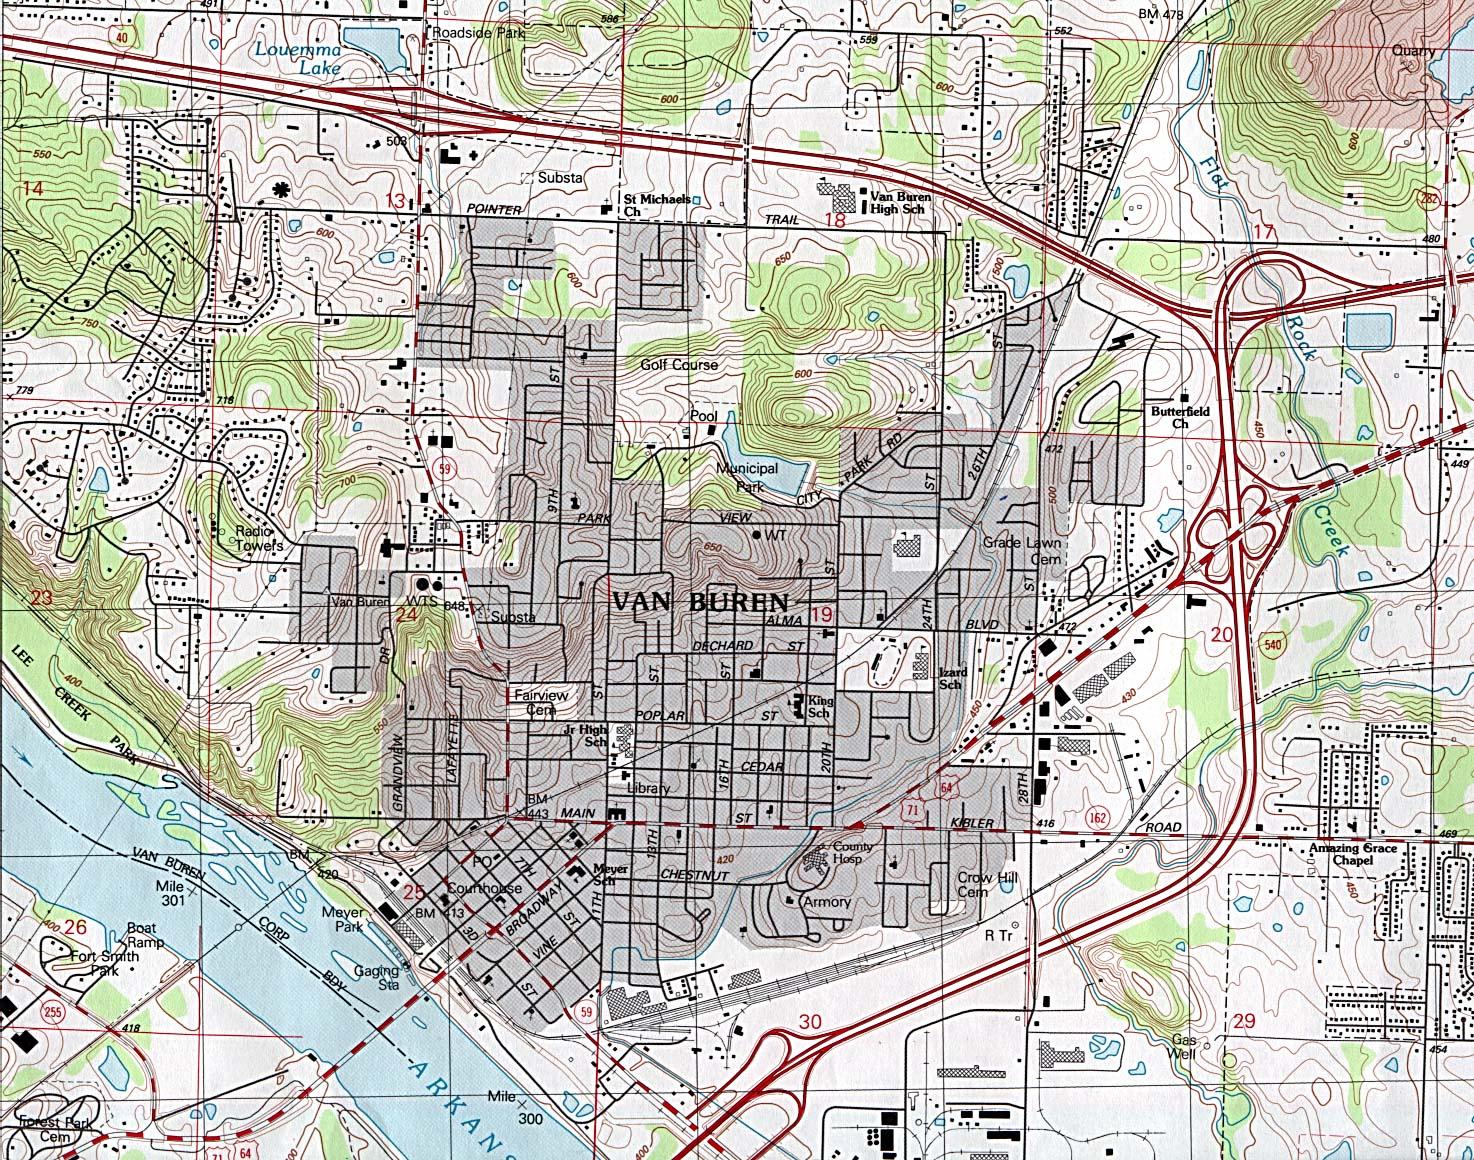 Mapa Topográfico de la Ciudad de Van Buren, Arkansas, Estados Unidos